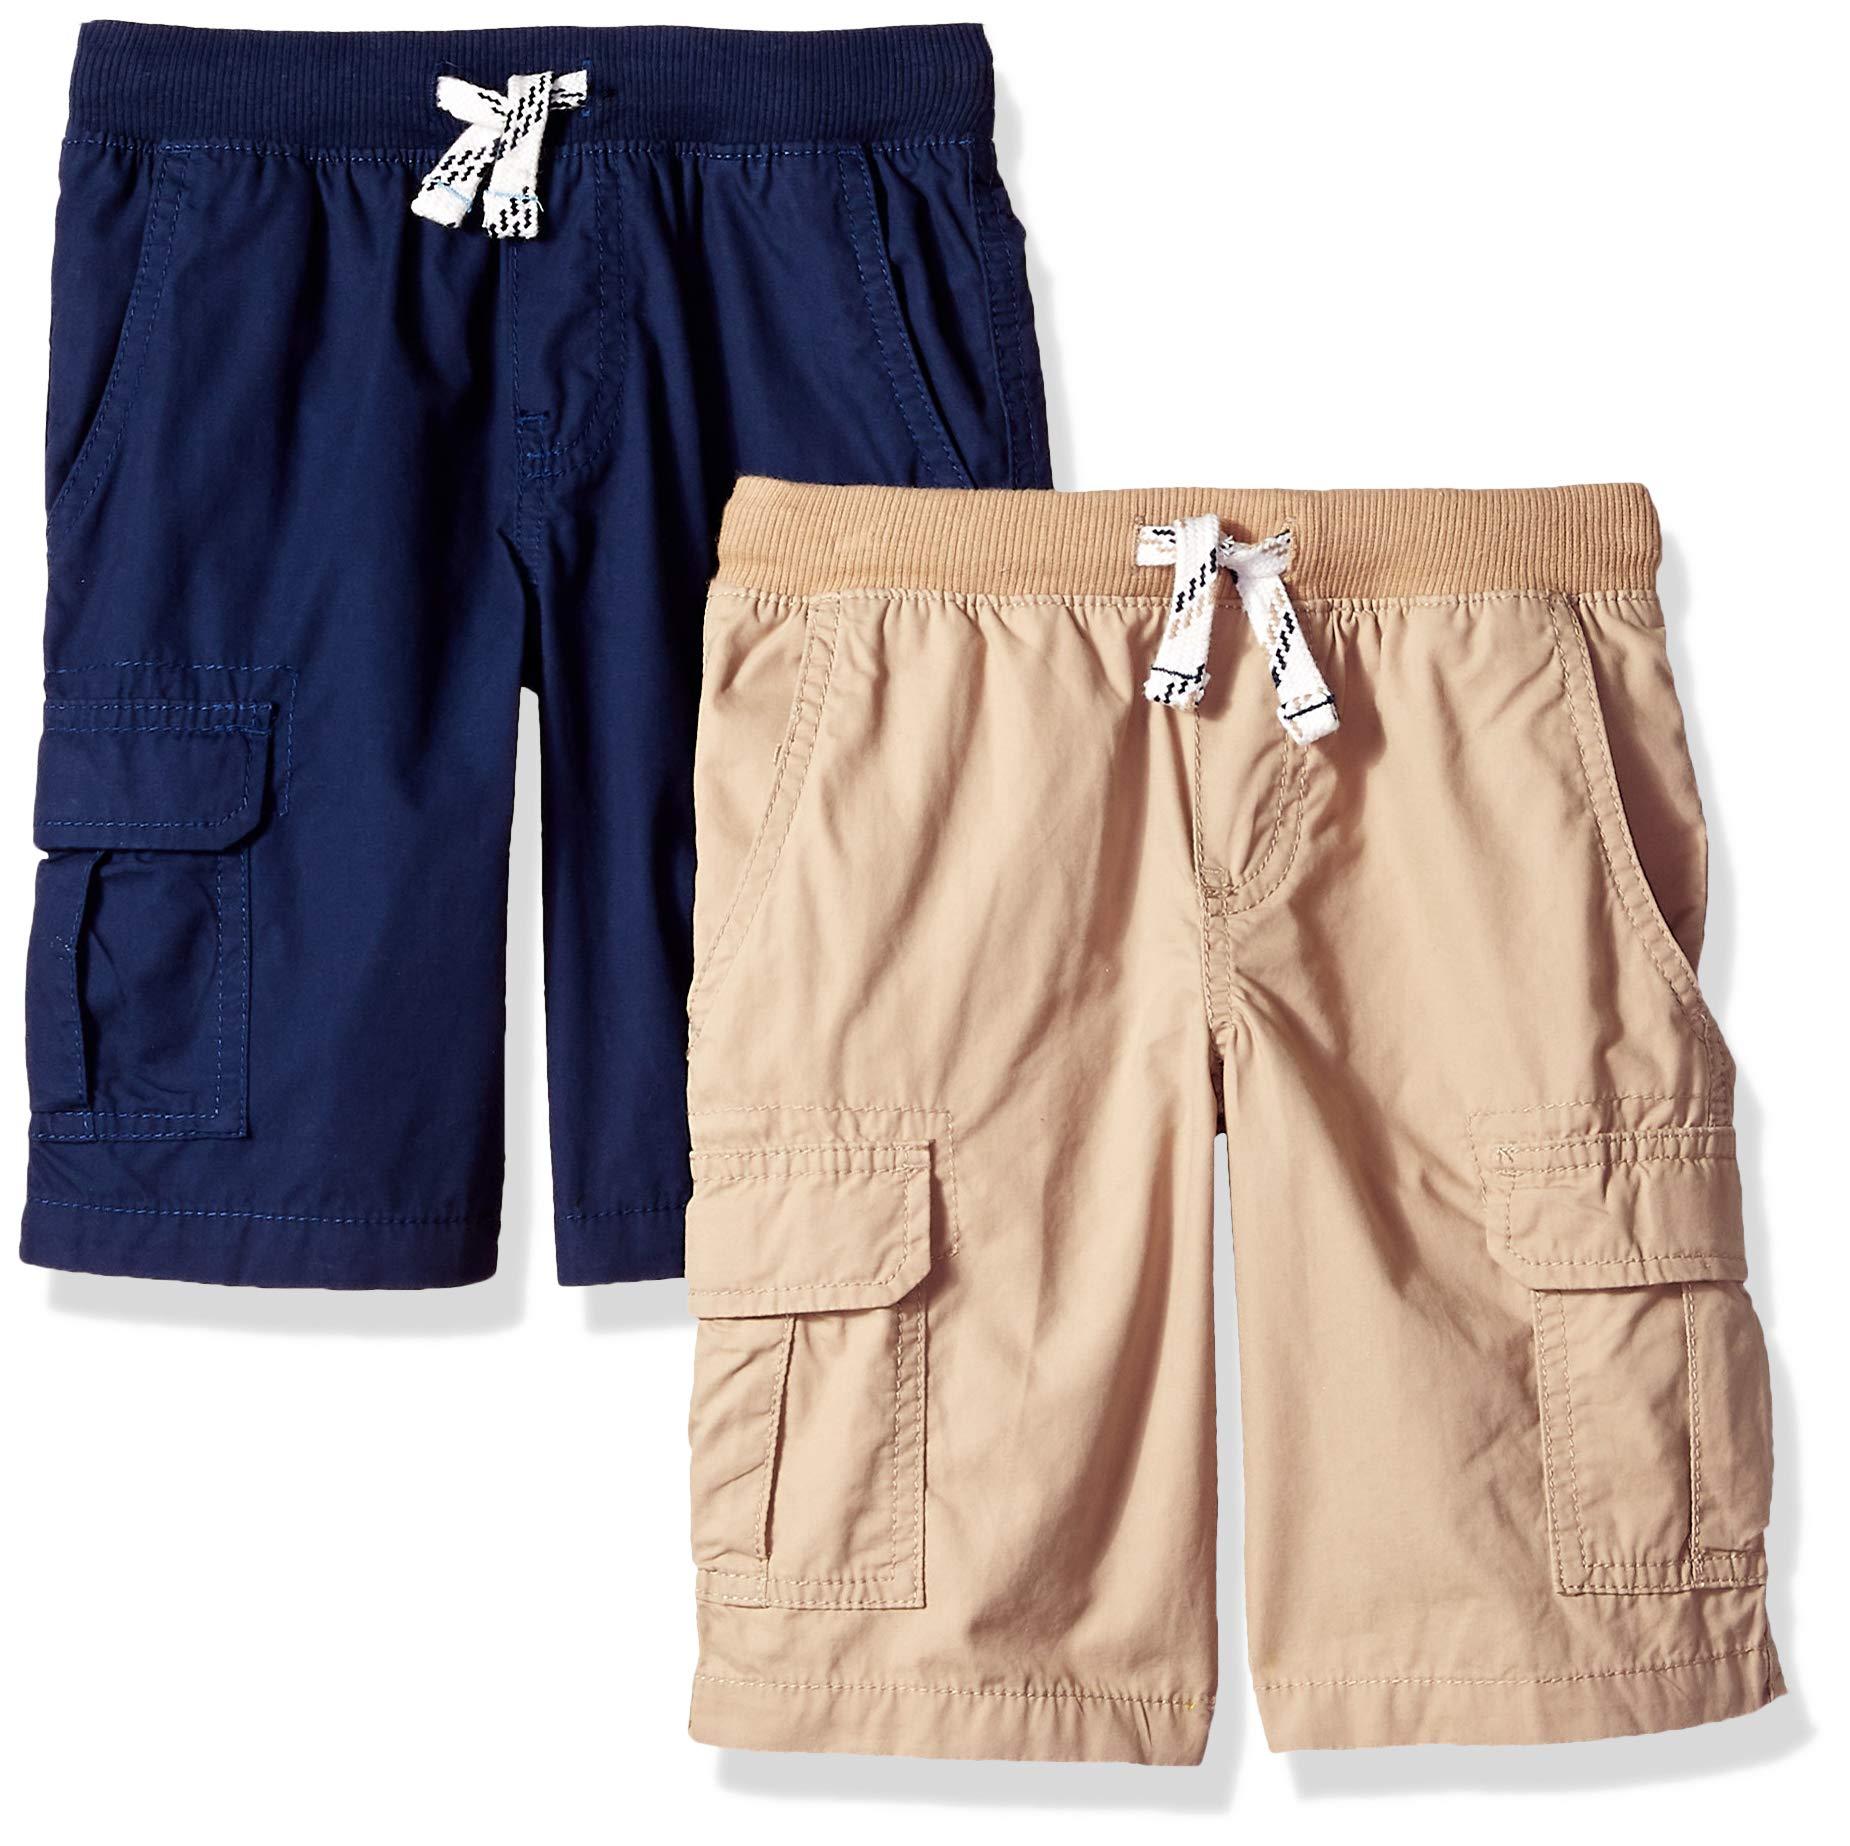 Carter's 卡特男童 2 件装套穿梭短裤,